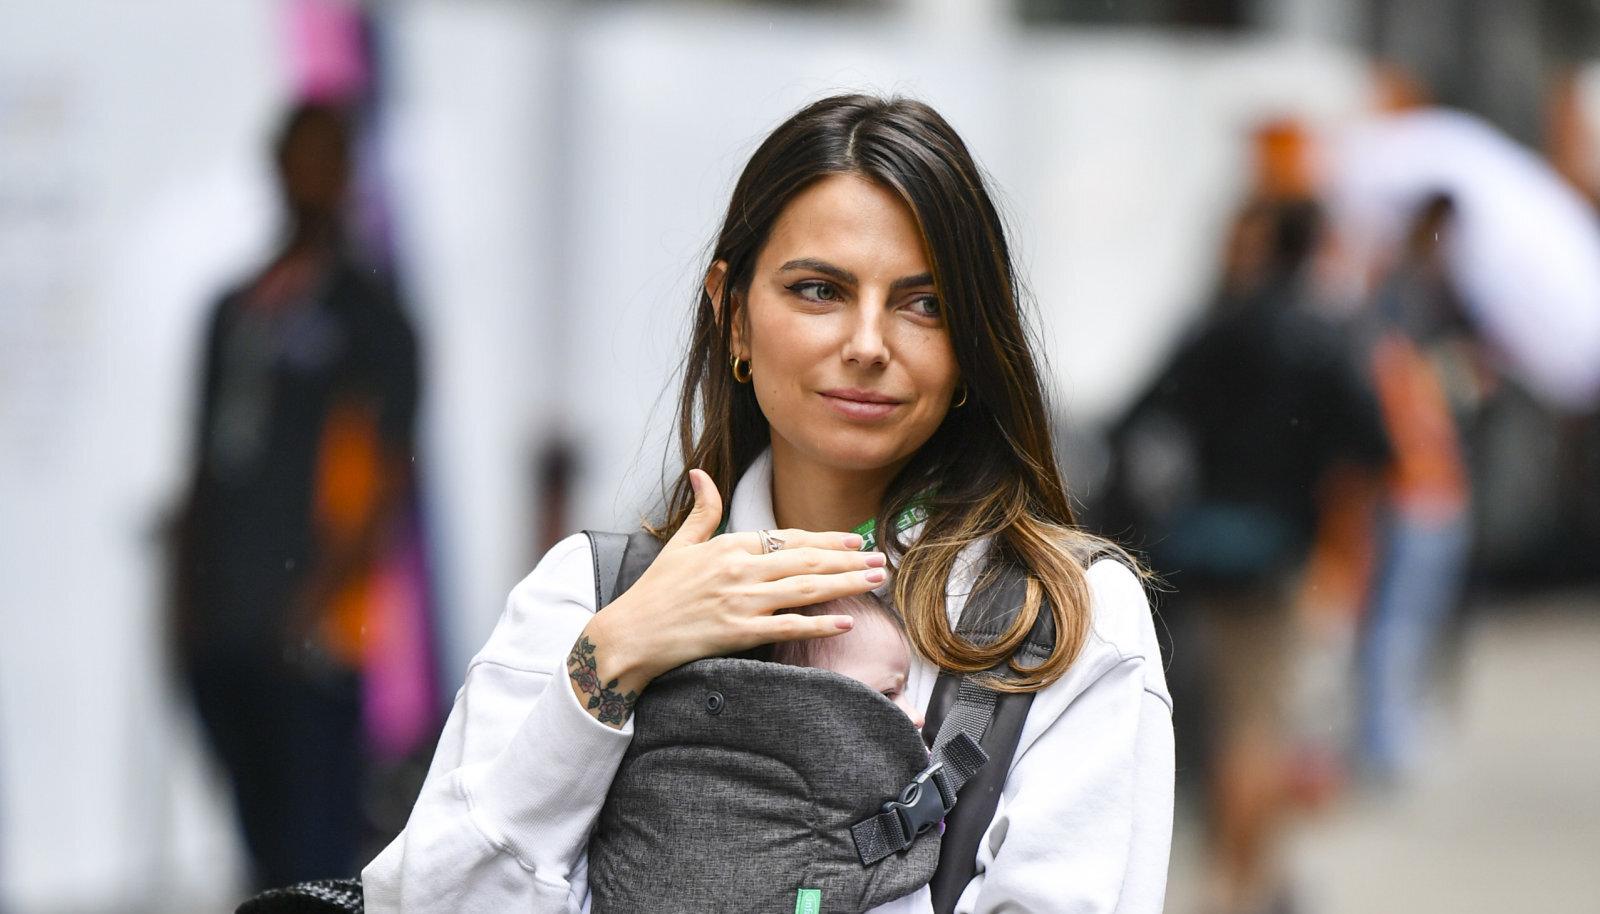 Daniil Kvjati ja Kelly Piquet tütar sündis 2019. aasta juulis.